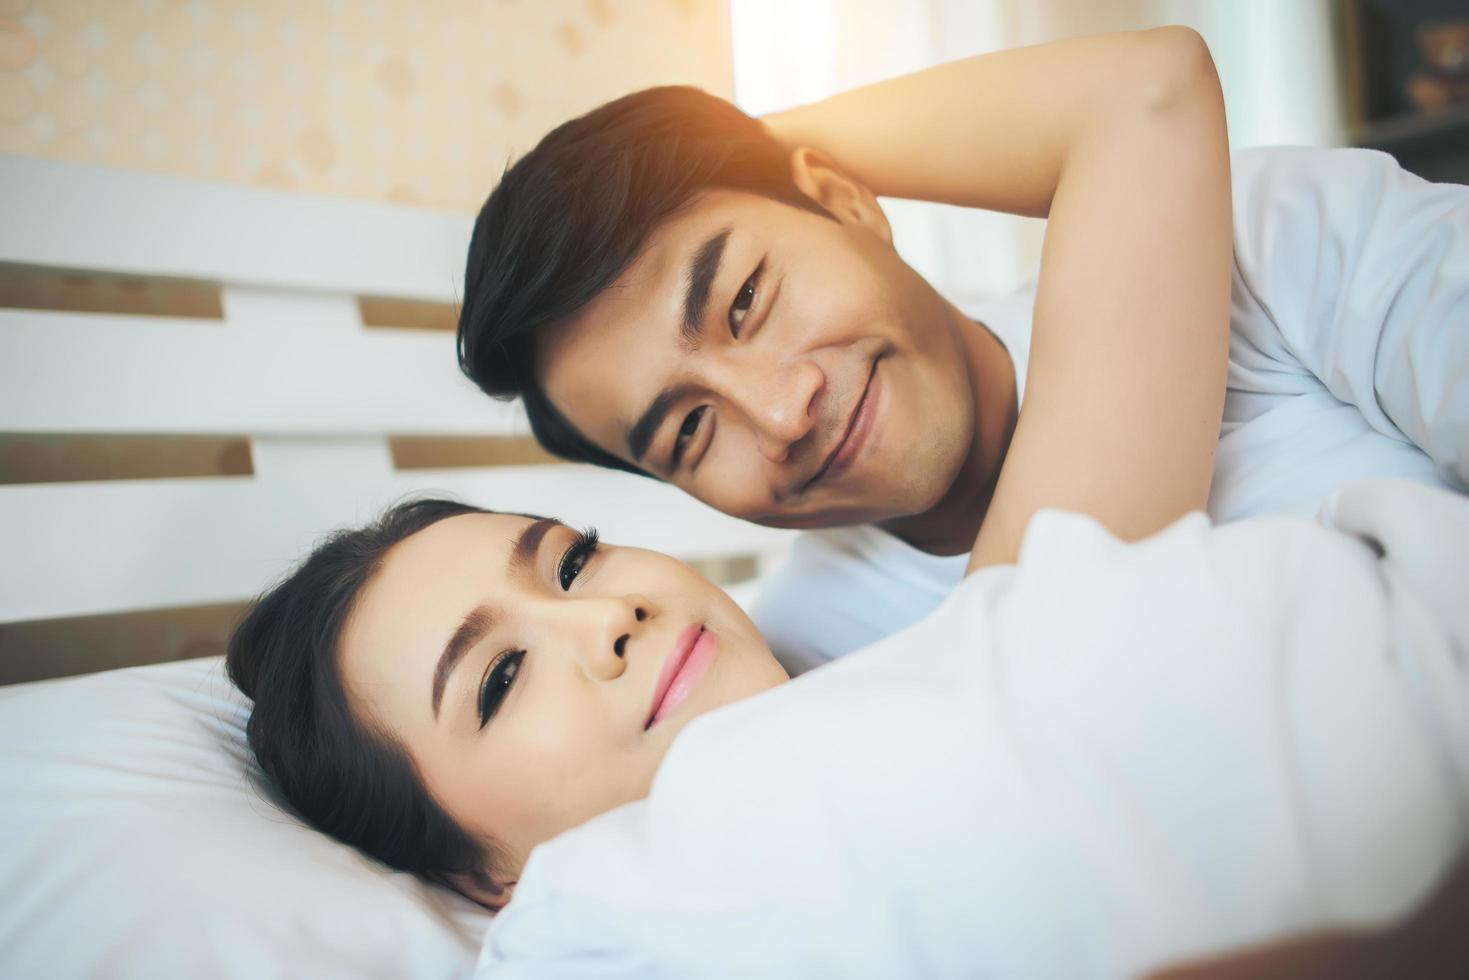 coppia felice posa insieme nel loro letto foto